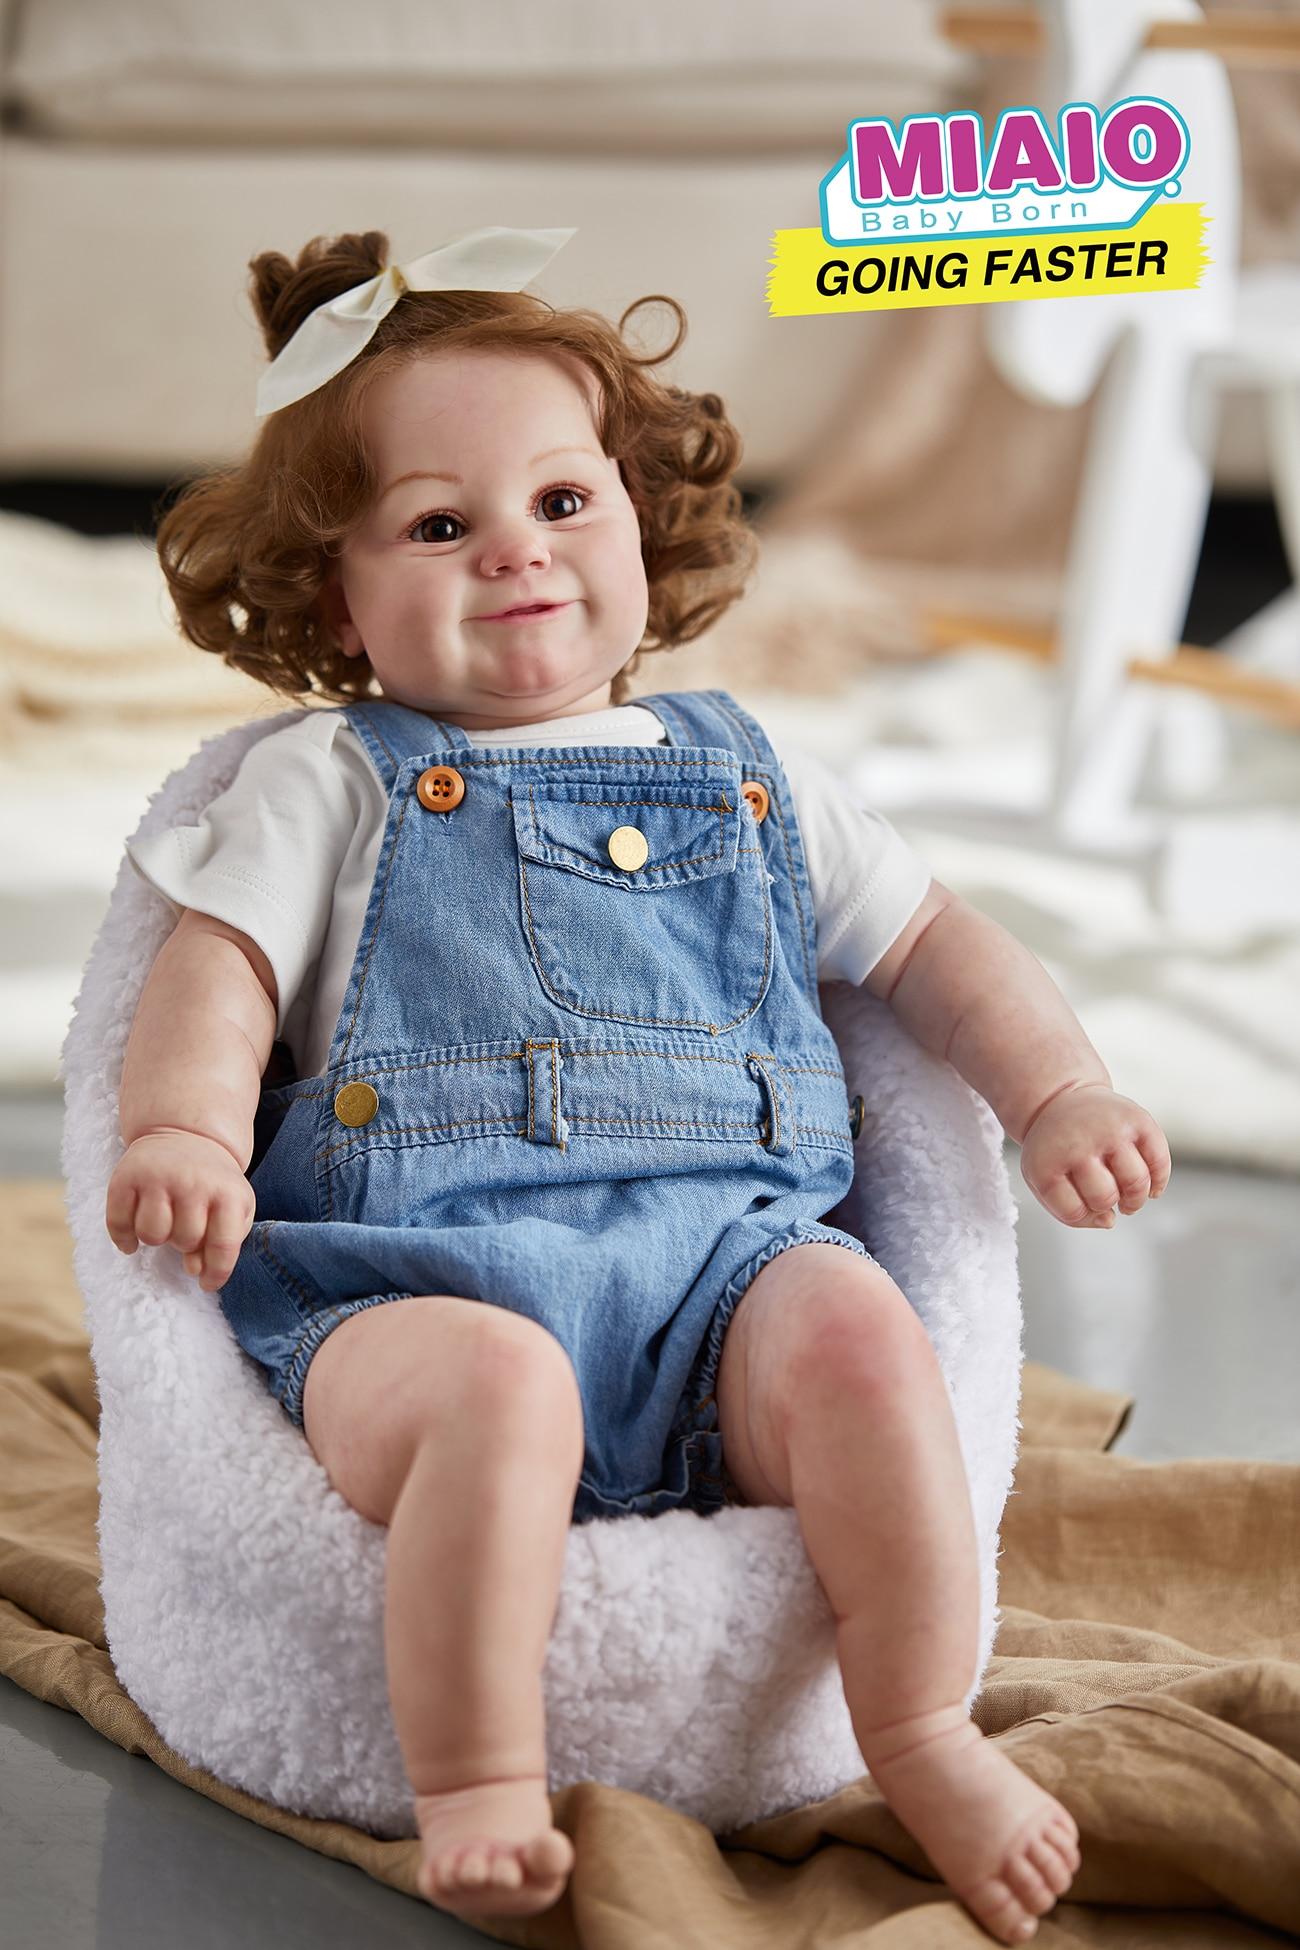 60 سنتيمتر حجم كبير مادي طفل تولد من جديد طفل فتاة شعبية دمية مع الشعر البني الجذور لينة عناق الجسم دمية عالية الجودة